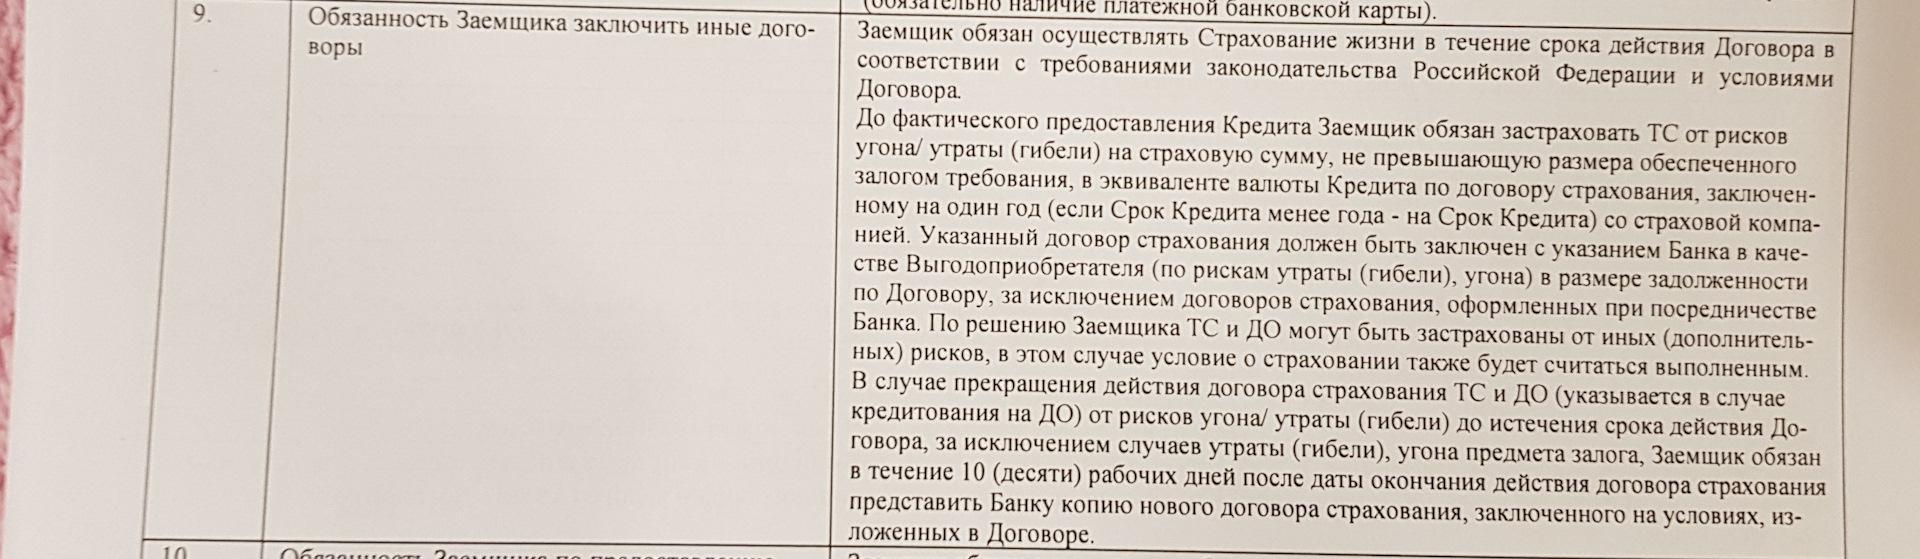 форштадт банк рефинансирование кредитов